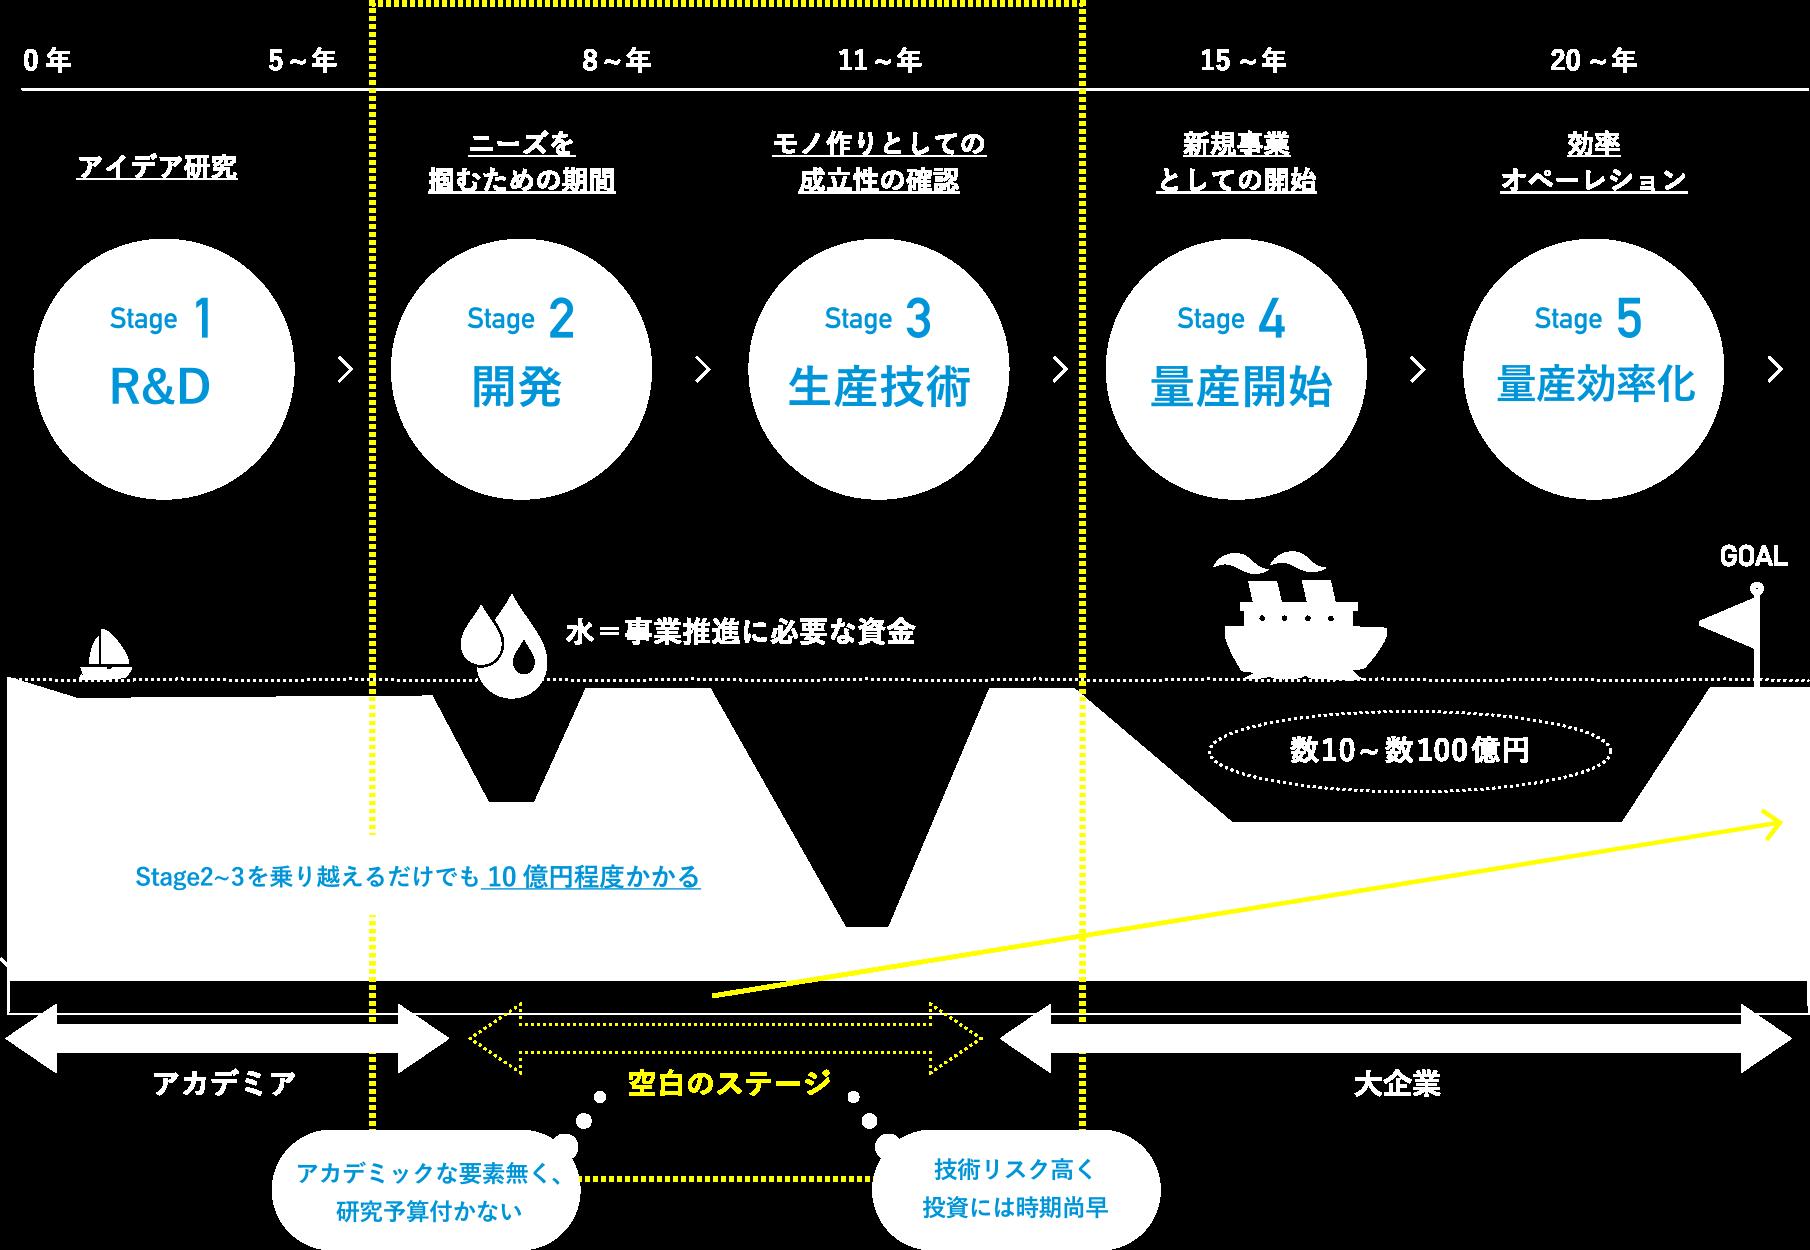 素材・化学産業における事業ステージ